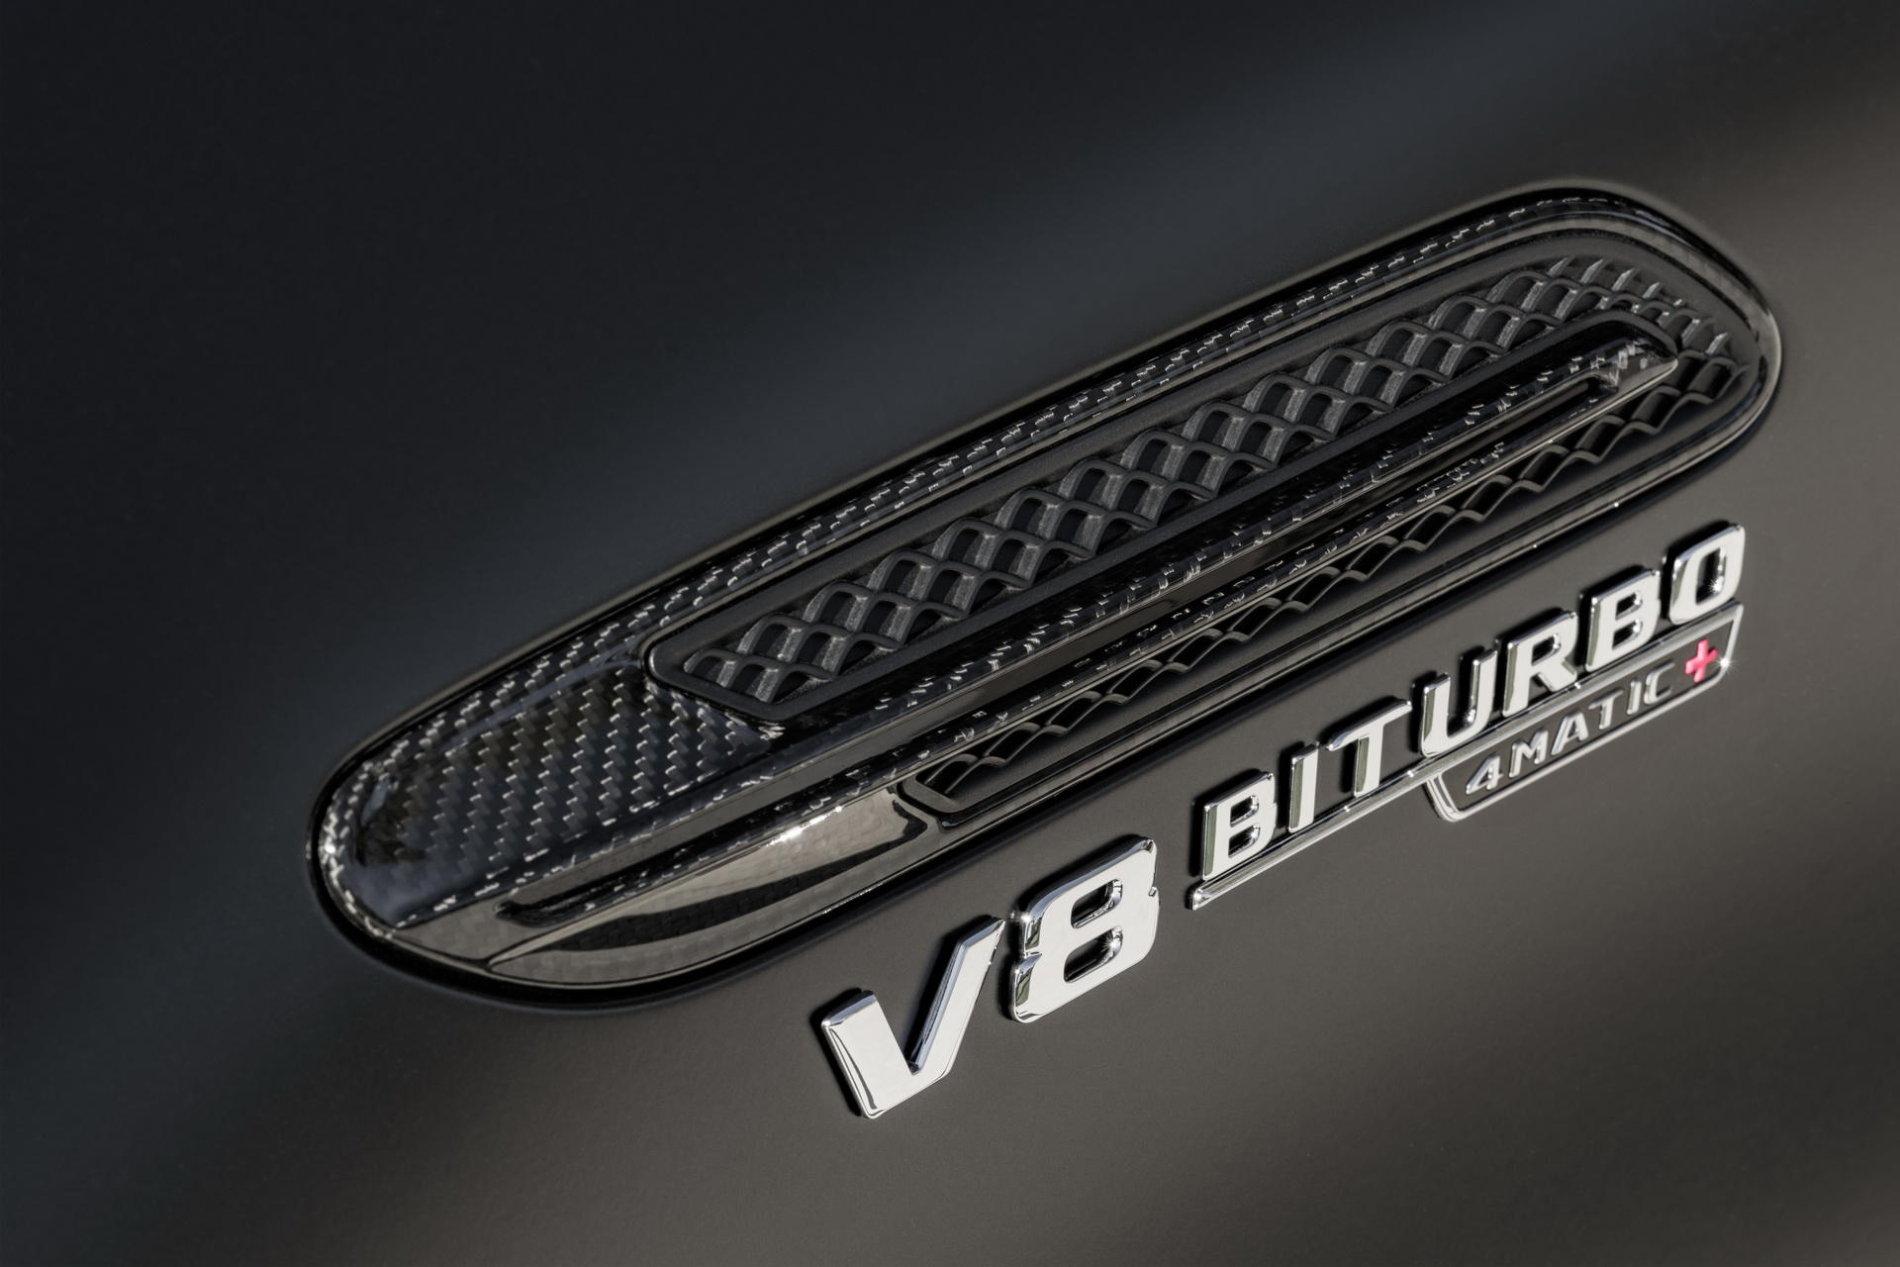 2019 Mercedes-AMG GT 4-Door Coupe - 2019 Mercedes-AMG GT 4-Door Coupe